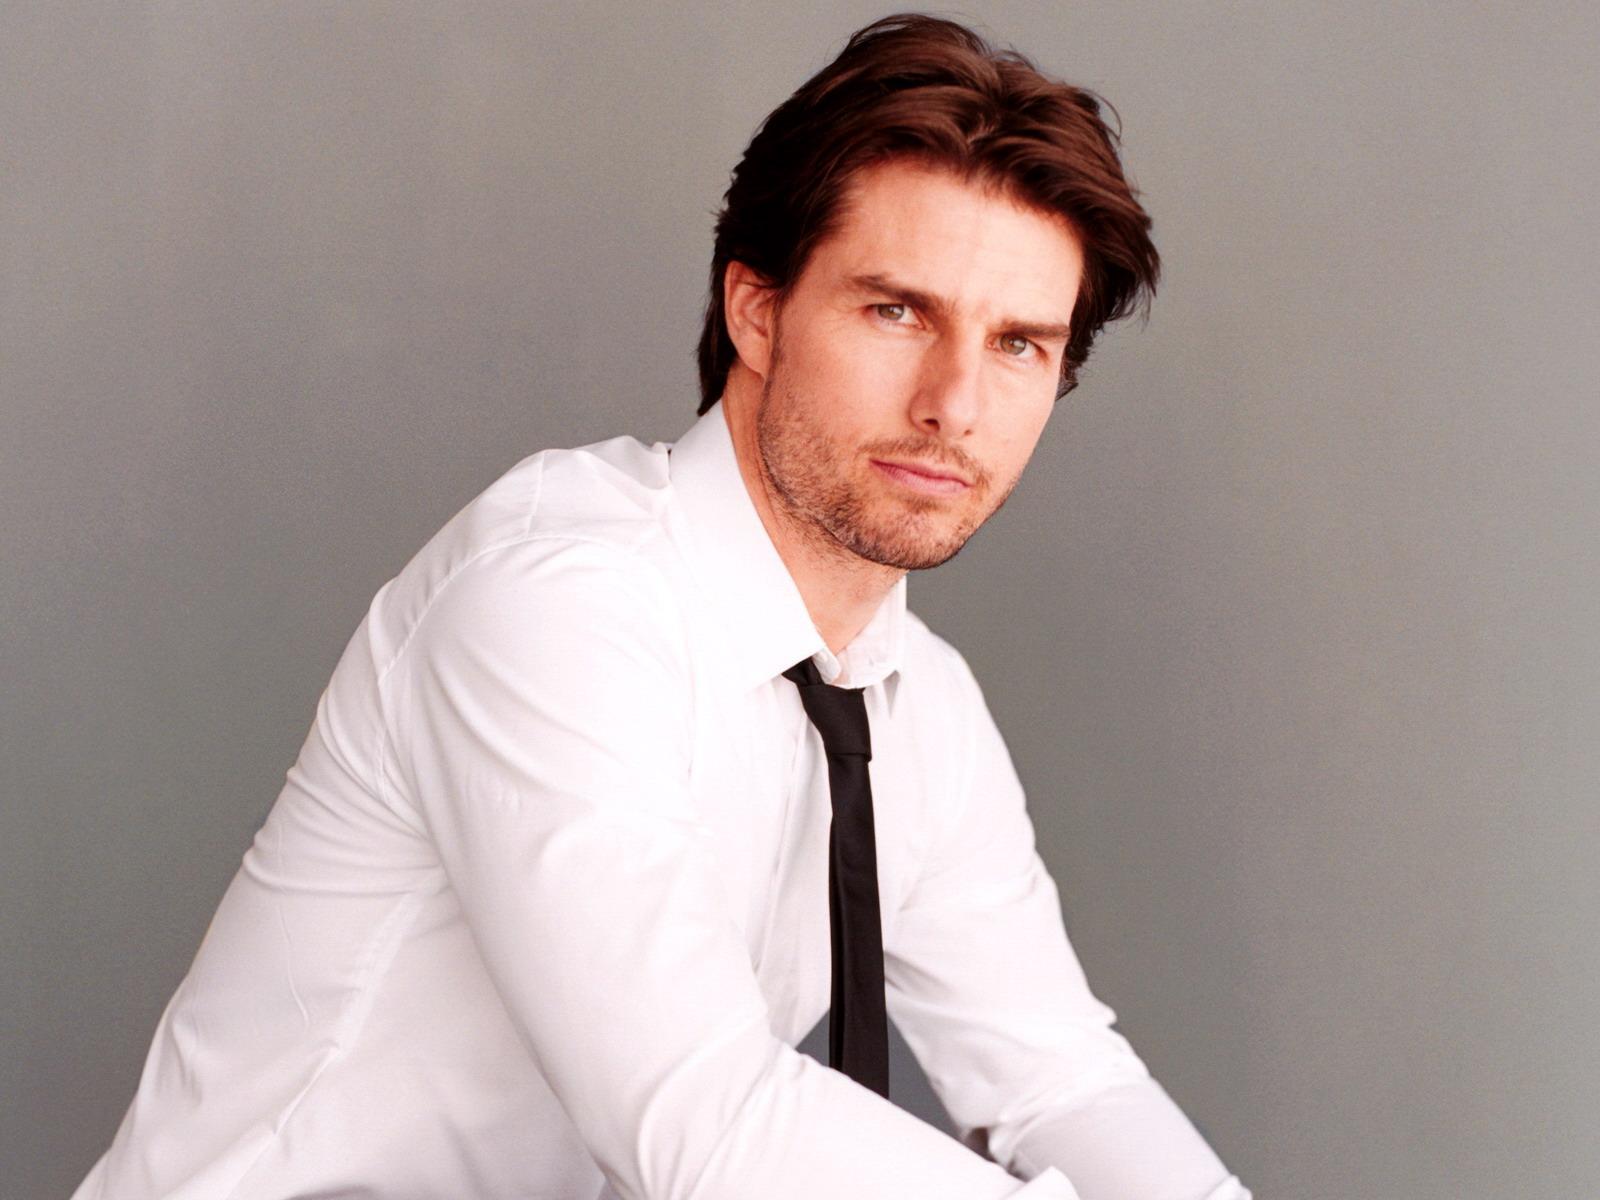 Tom Cruise 6880774 1600x1200